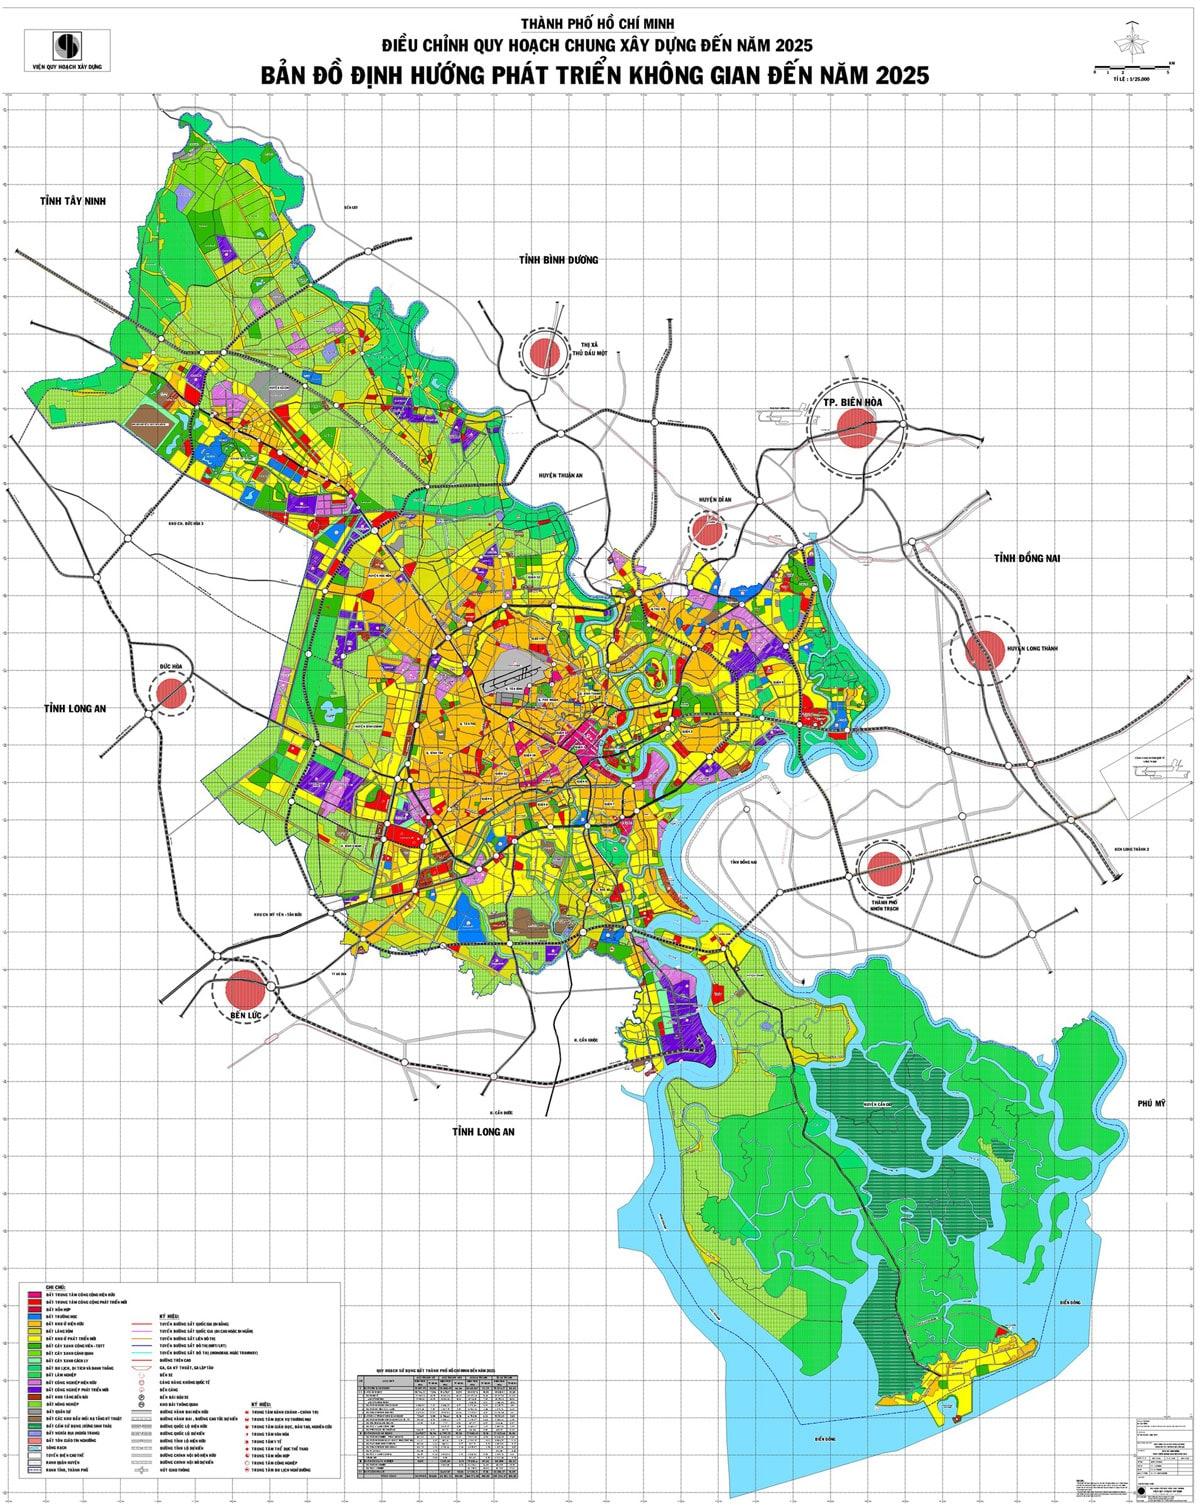 Bản đồ định hướng phát triển đến năm 2025 tại Hồ Chí Minh